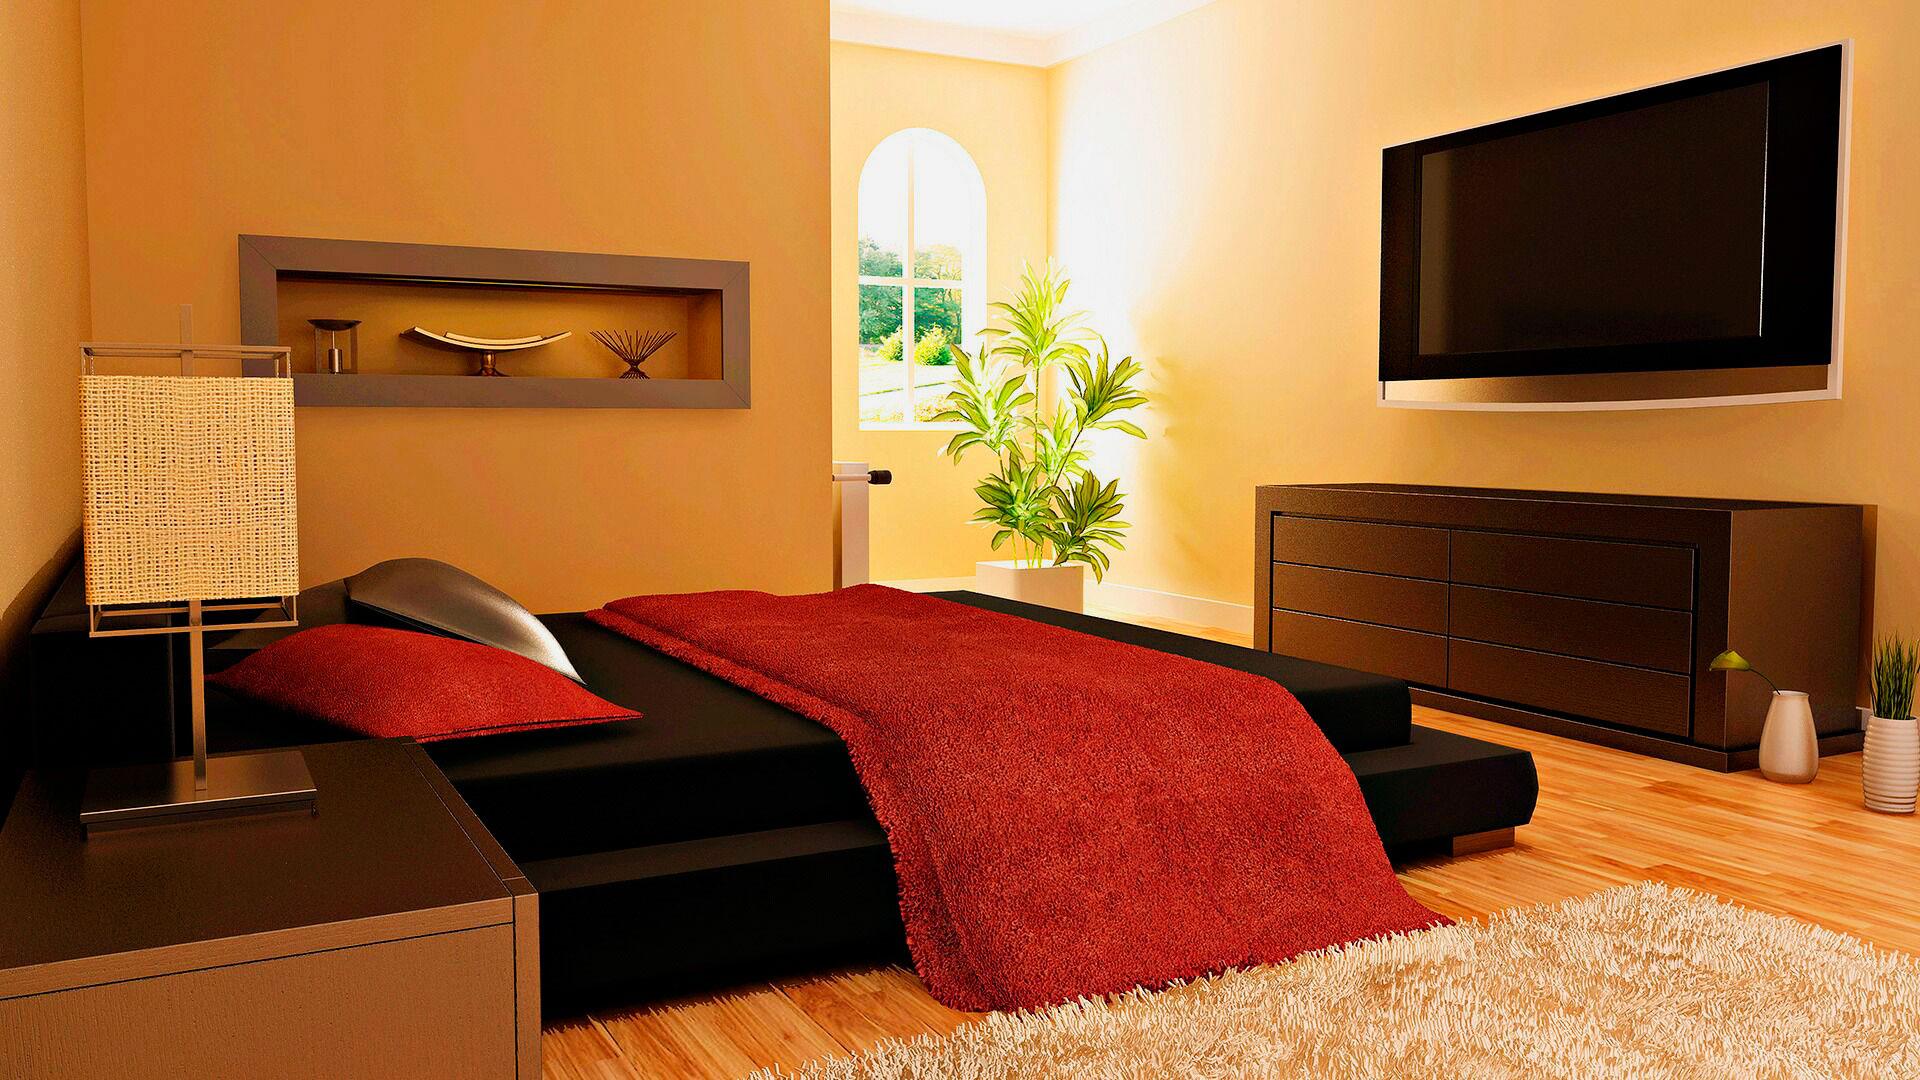 Кровать в спальной комнате (20)